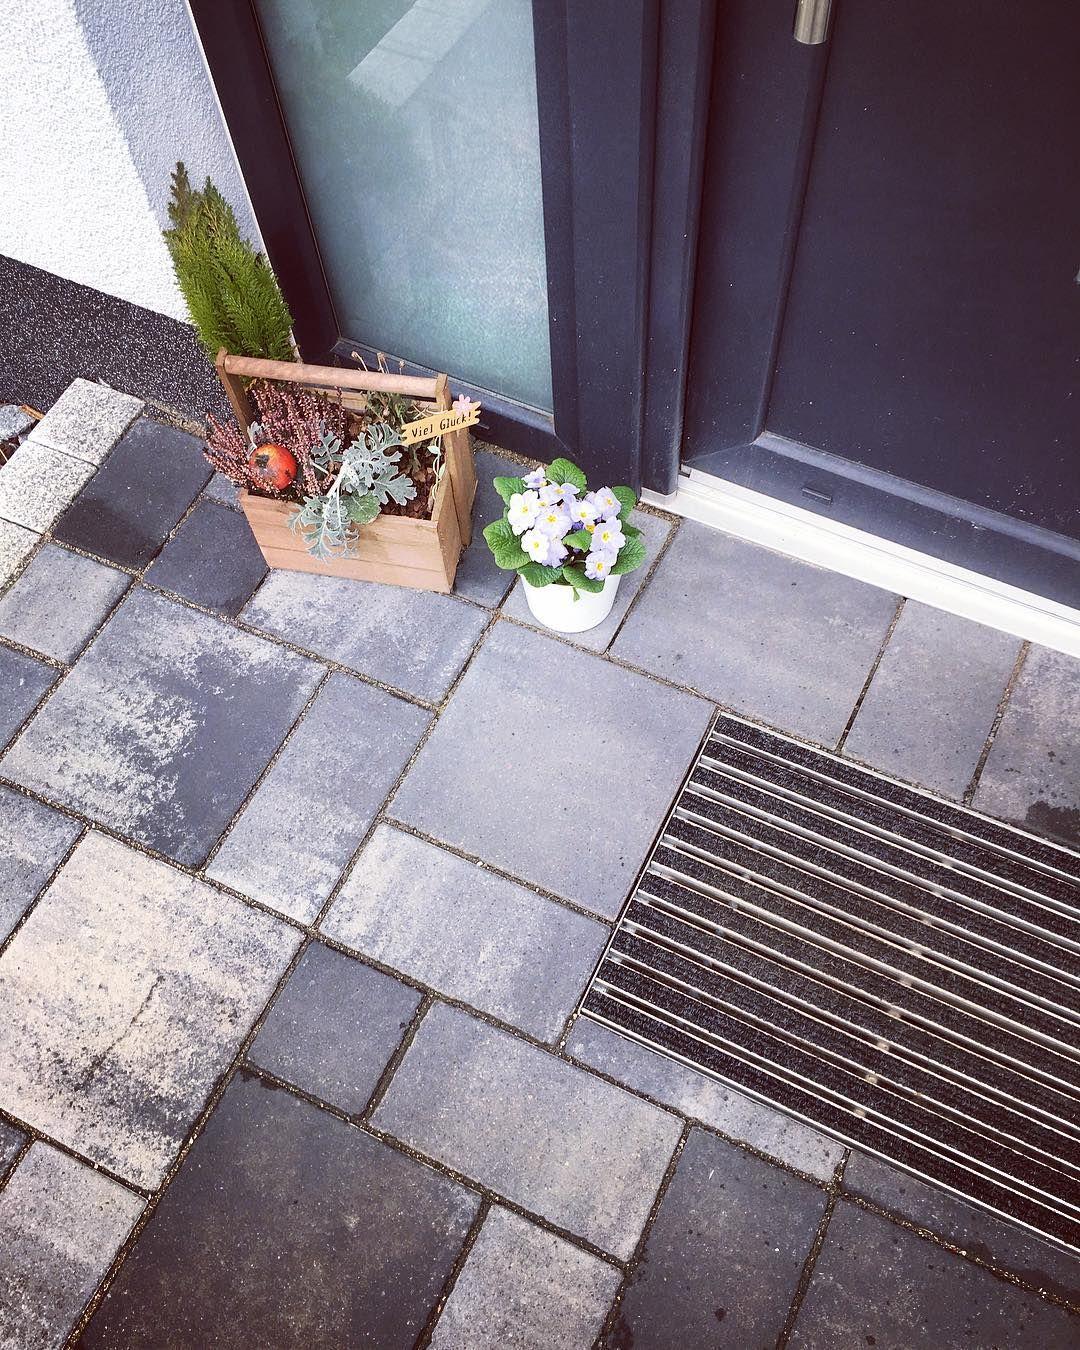 Eingangsbereich Gestalten Mit Einem Schuhabstreifer Von Aco Hochbau Gefunden Bei Haus Im Harz Auf Instagram Eingang Hauseingang Gestalten Haustur Eingang